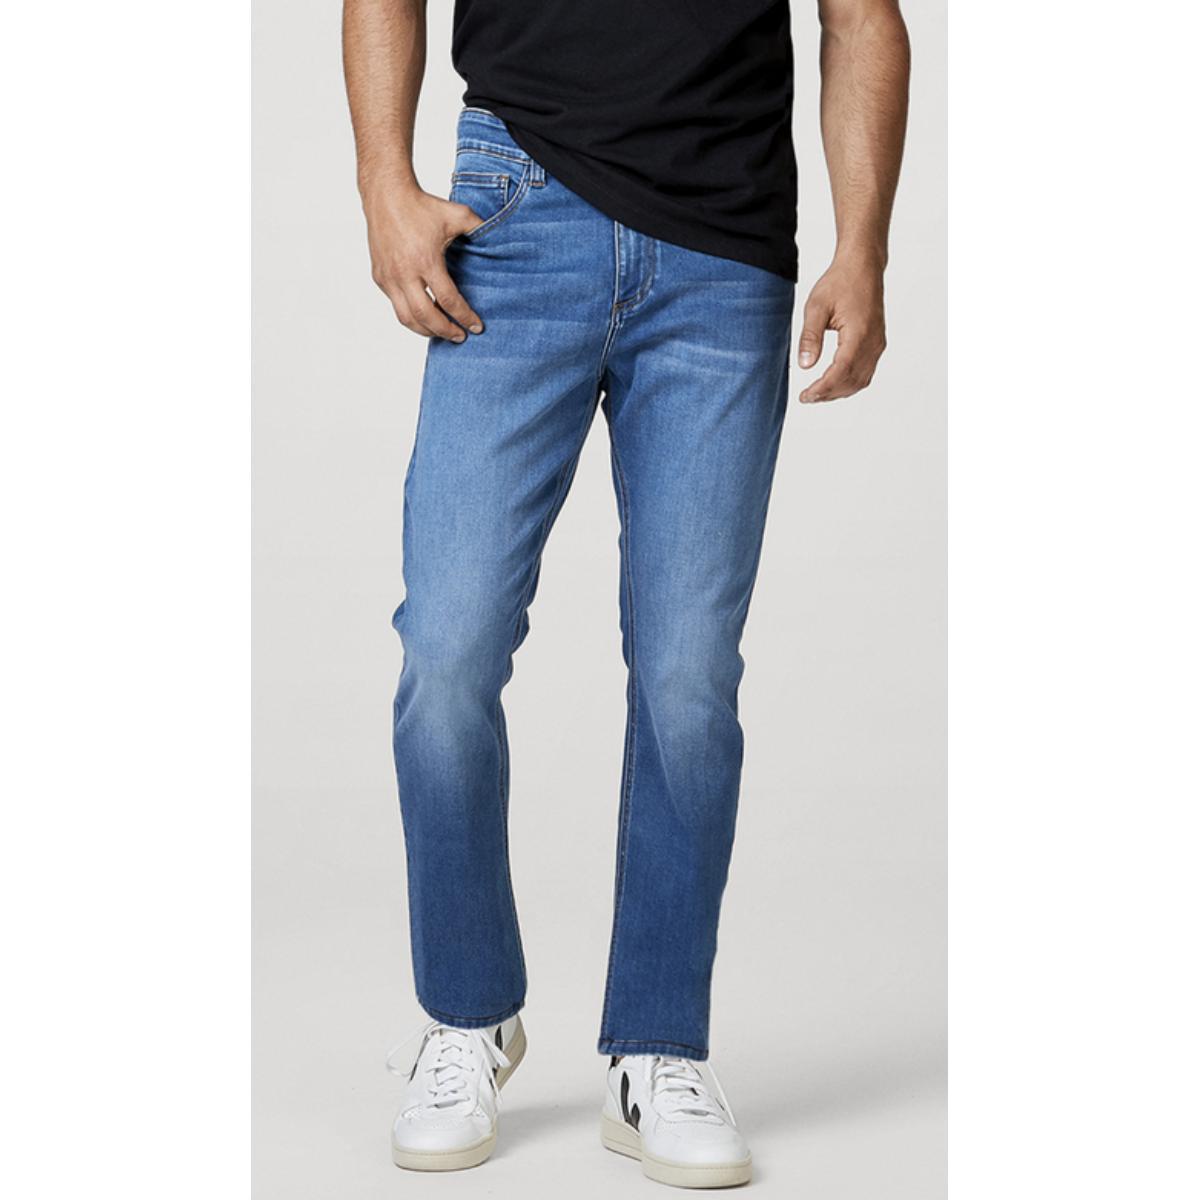 Calça Masculina Hering H1pm 1bsi Jeans Claro